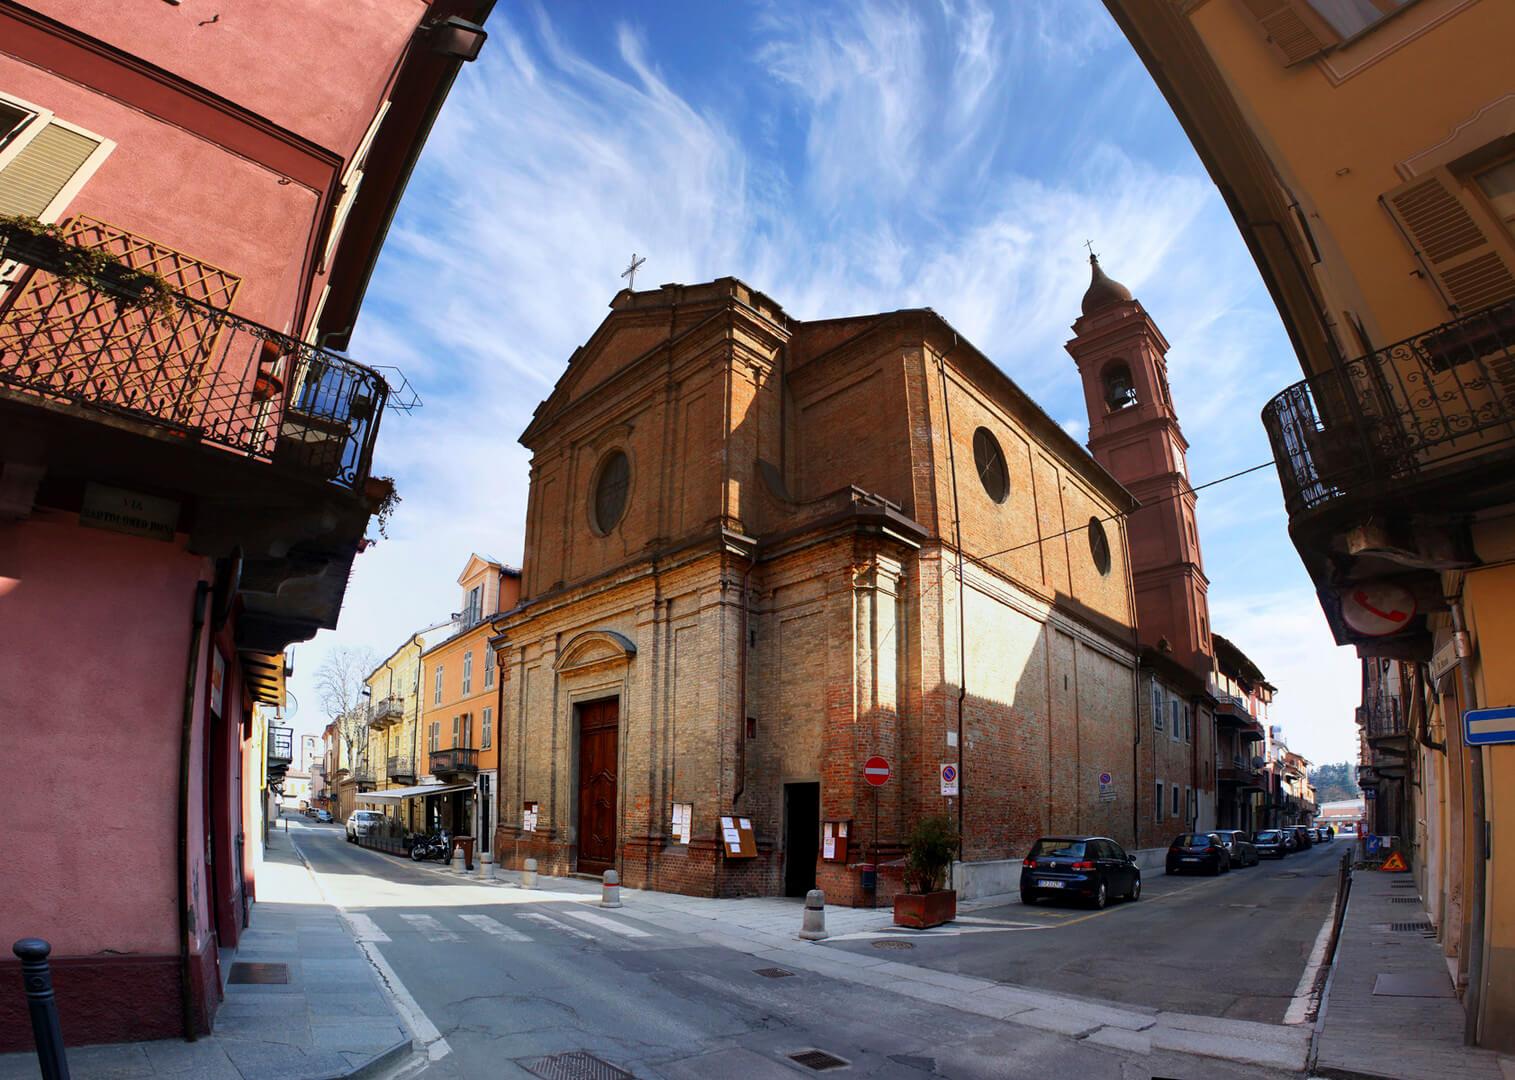 Parrocchia di San Siro Nizza Monferrato